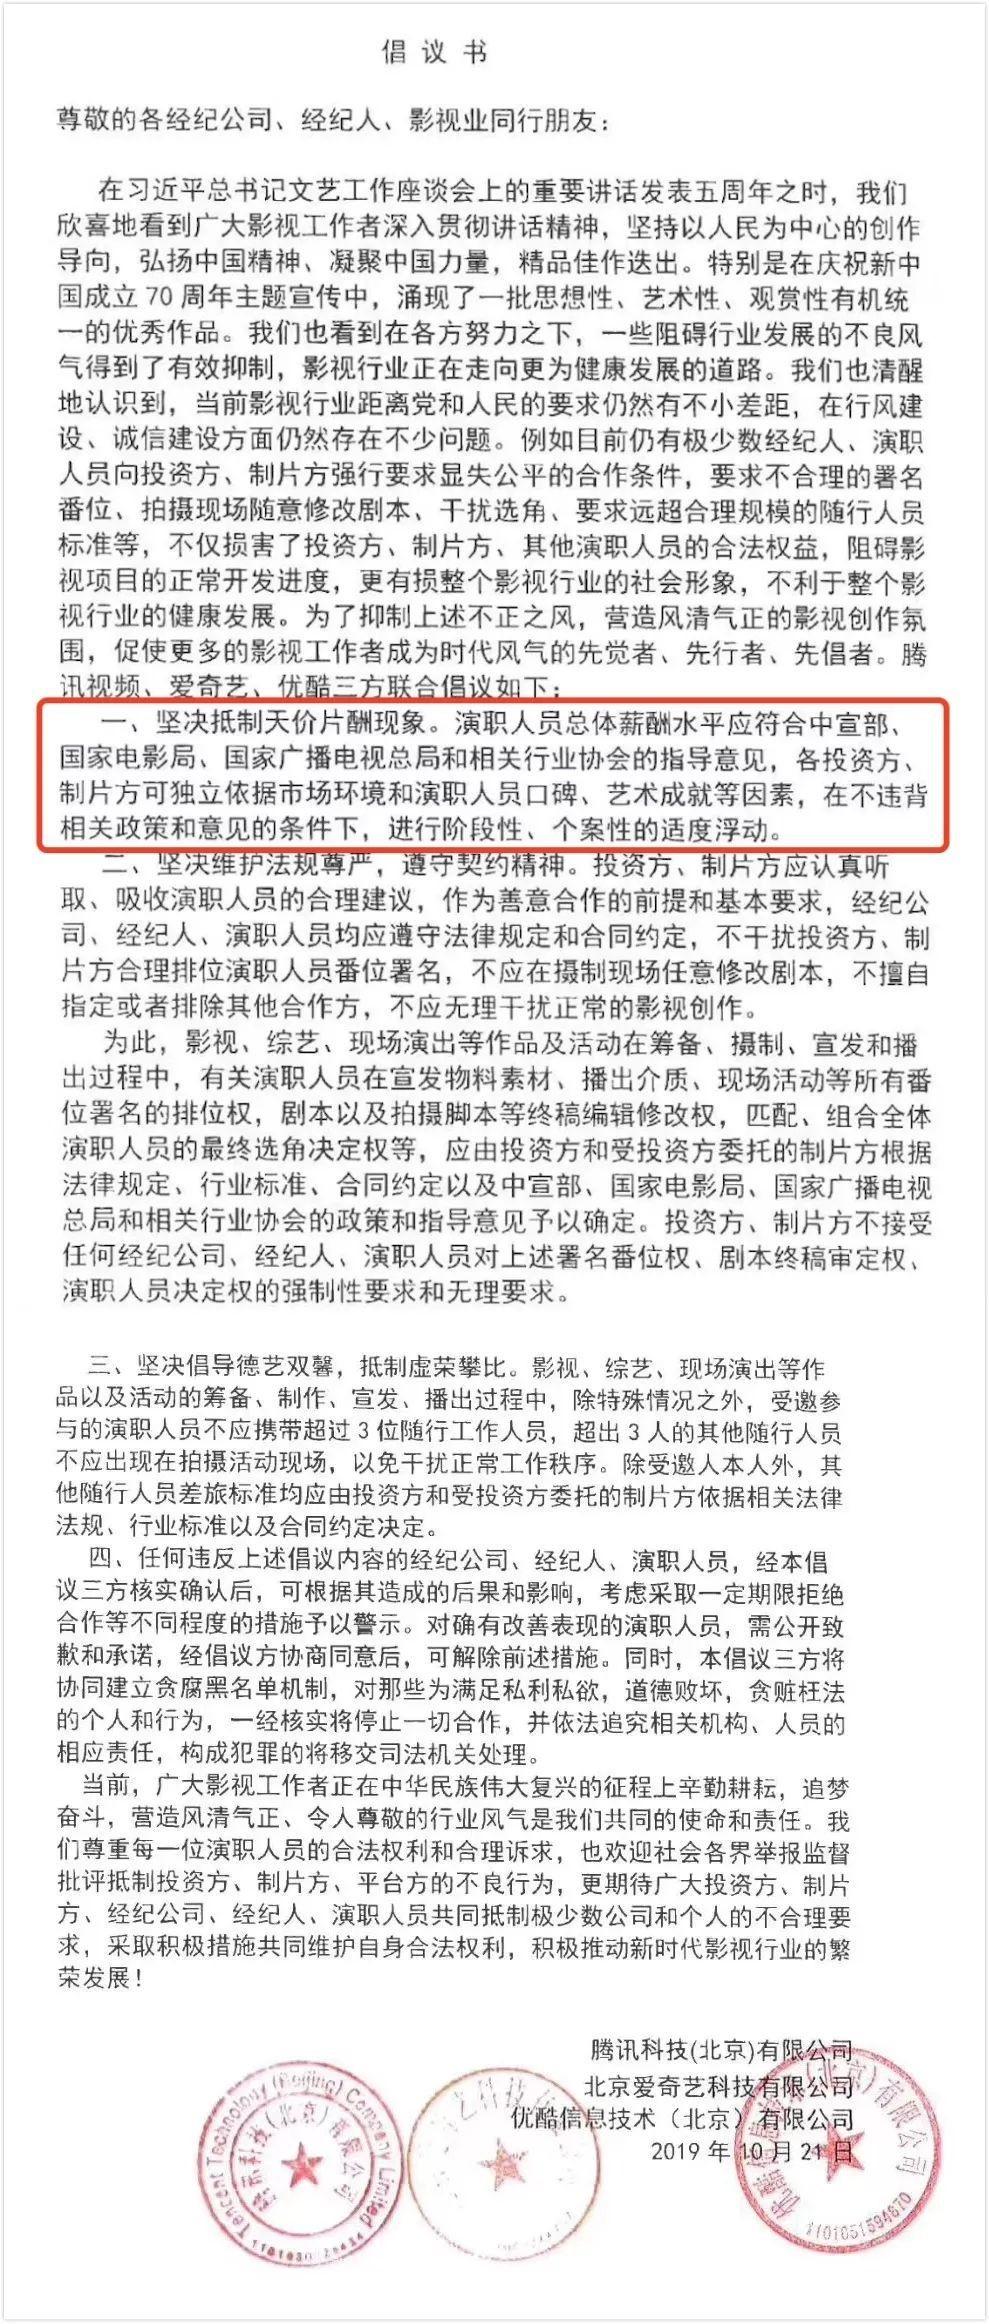 ▲▼大陸3大影音平台提出《倡議書》,列出封殺藝人名單。(圖/翻攝自微博/娛理)